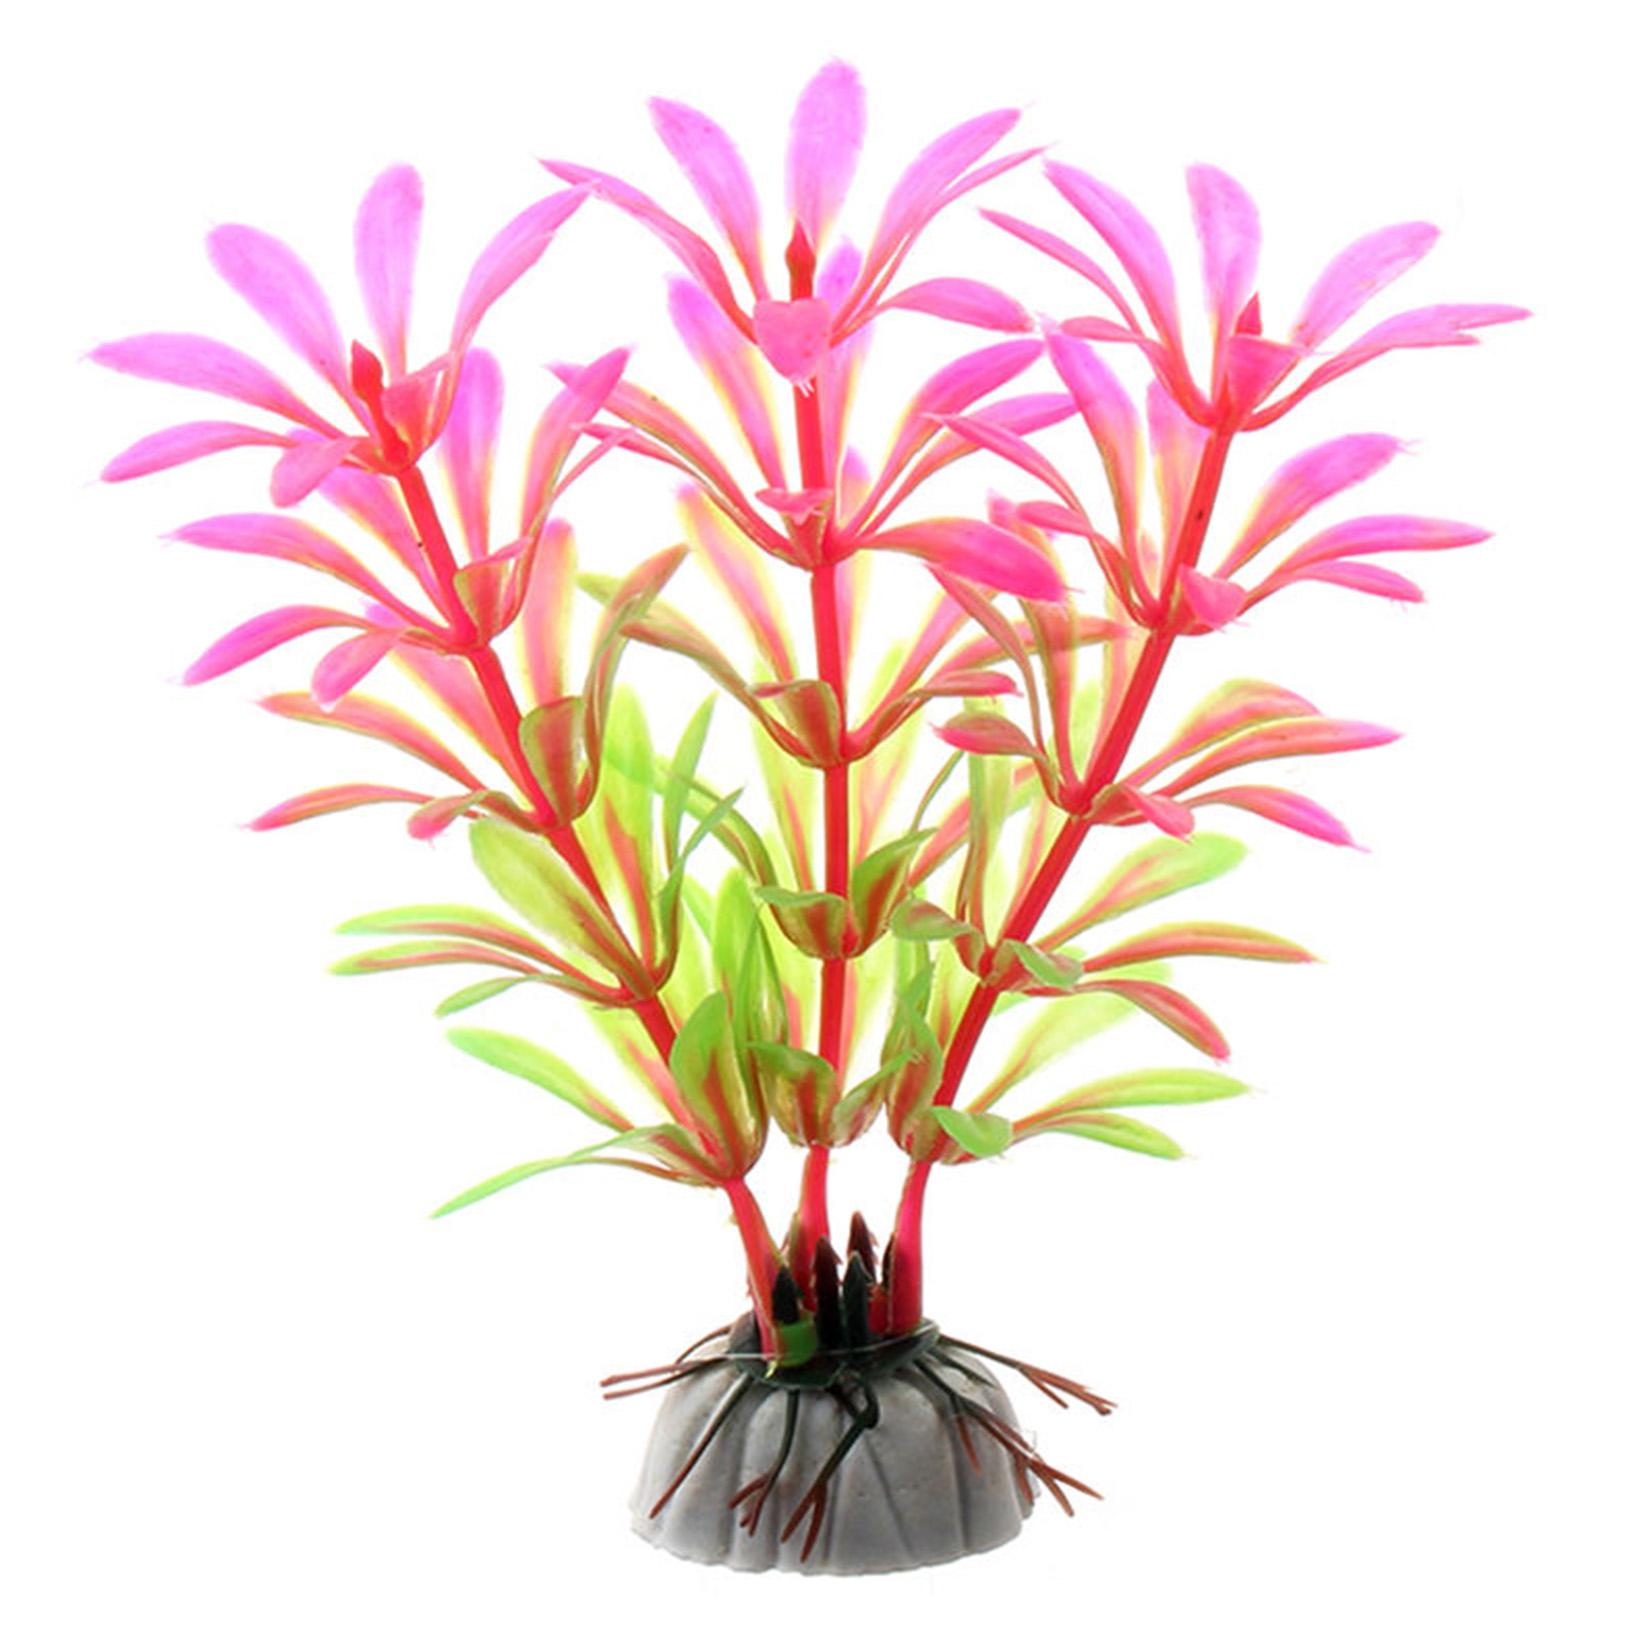 10xaquarienpflanzen tropische pflanzen wasserpflanzen for Deko fische plastik